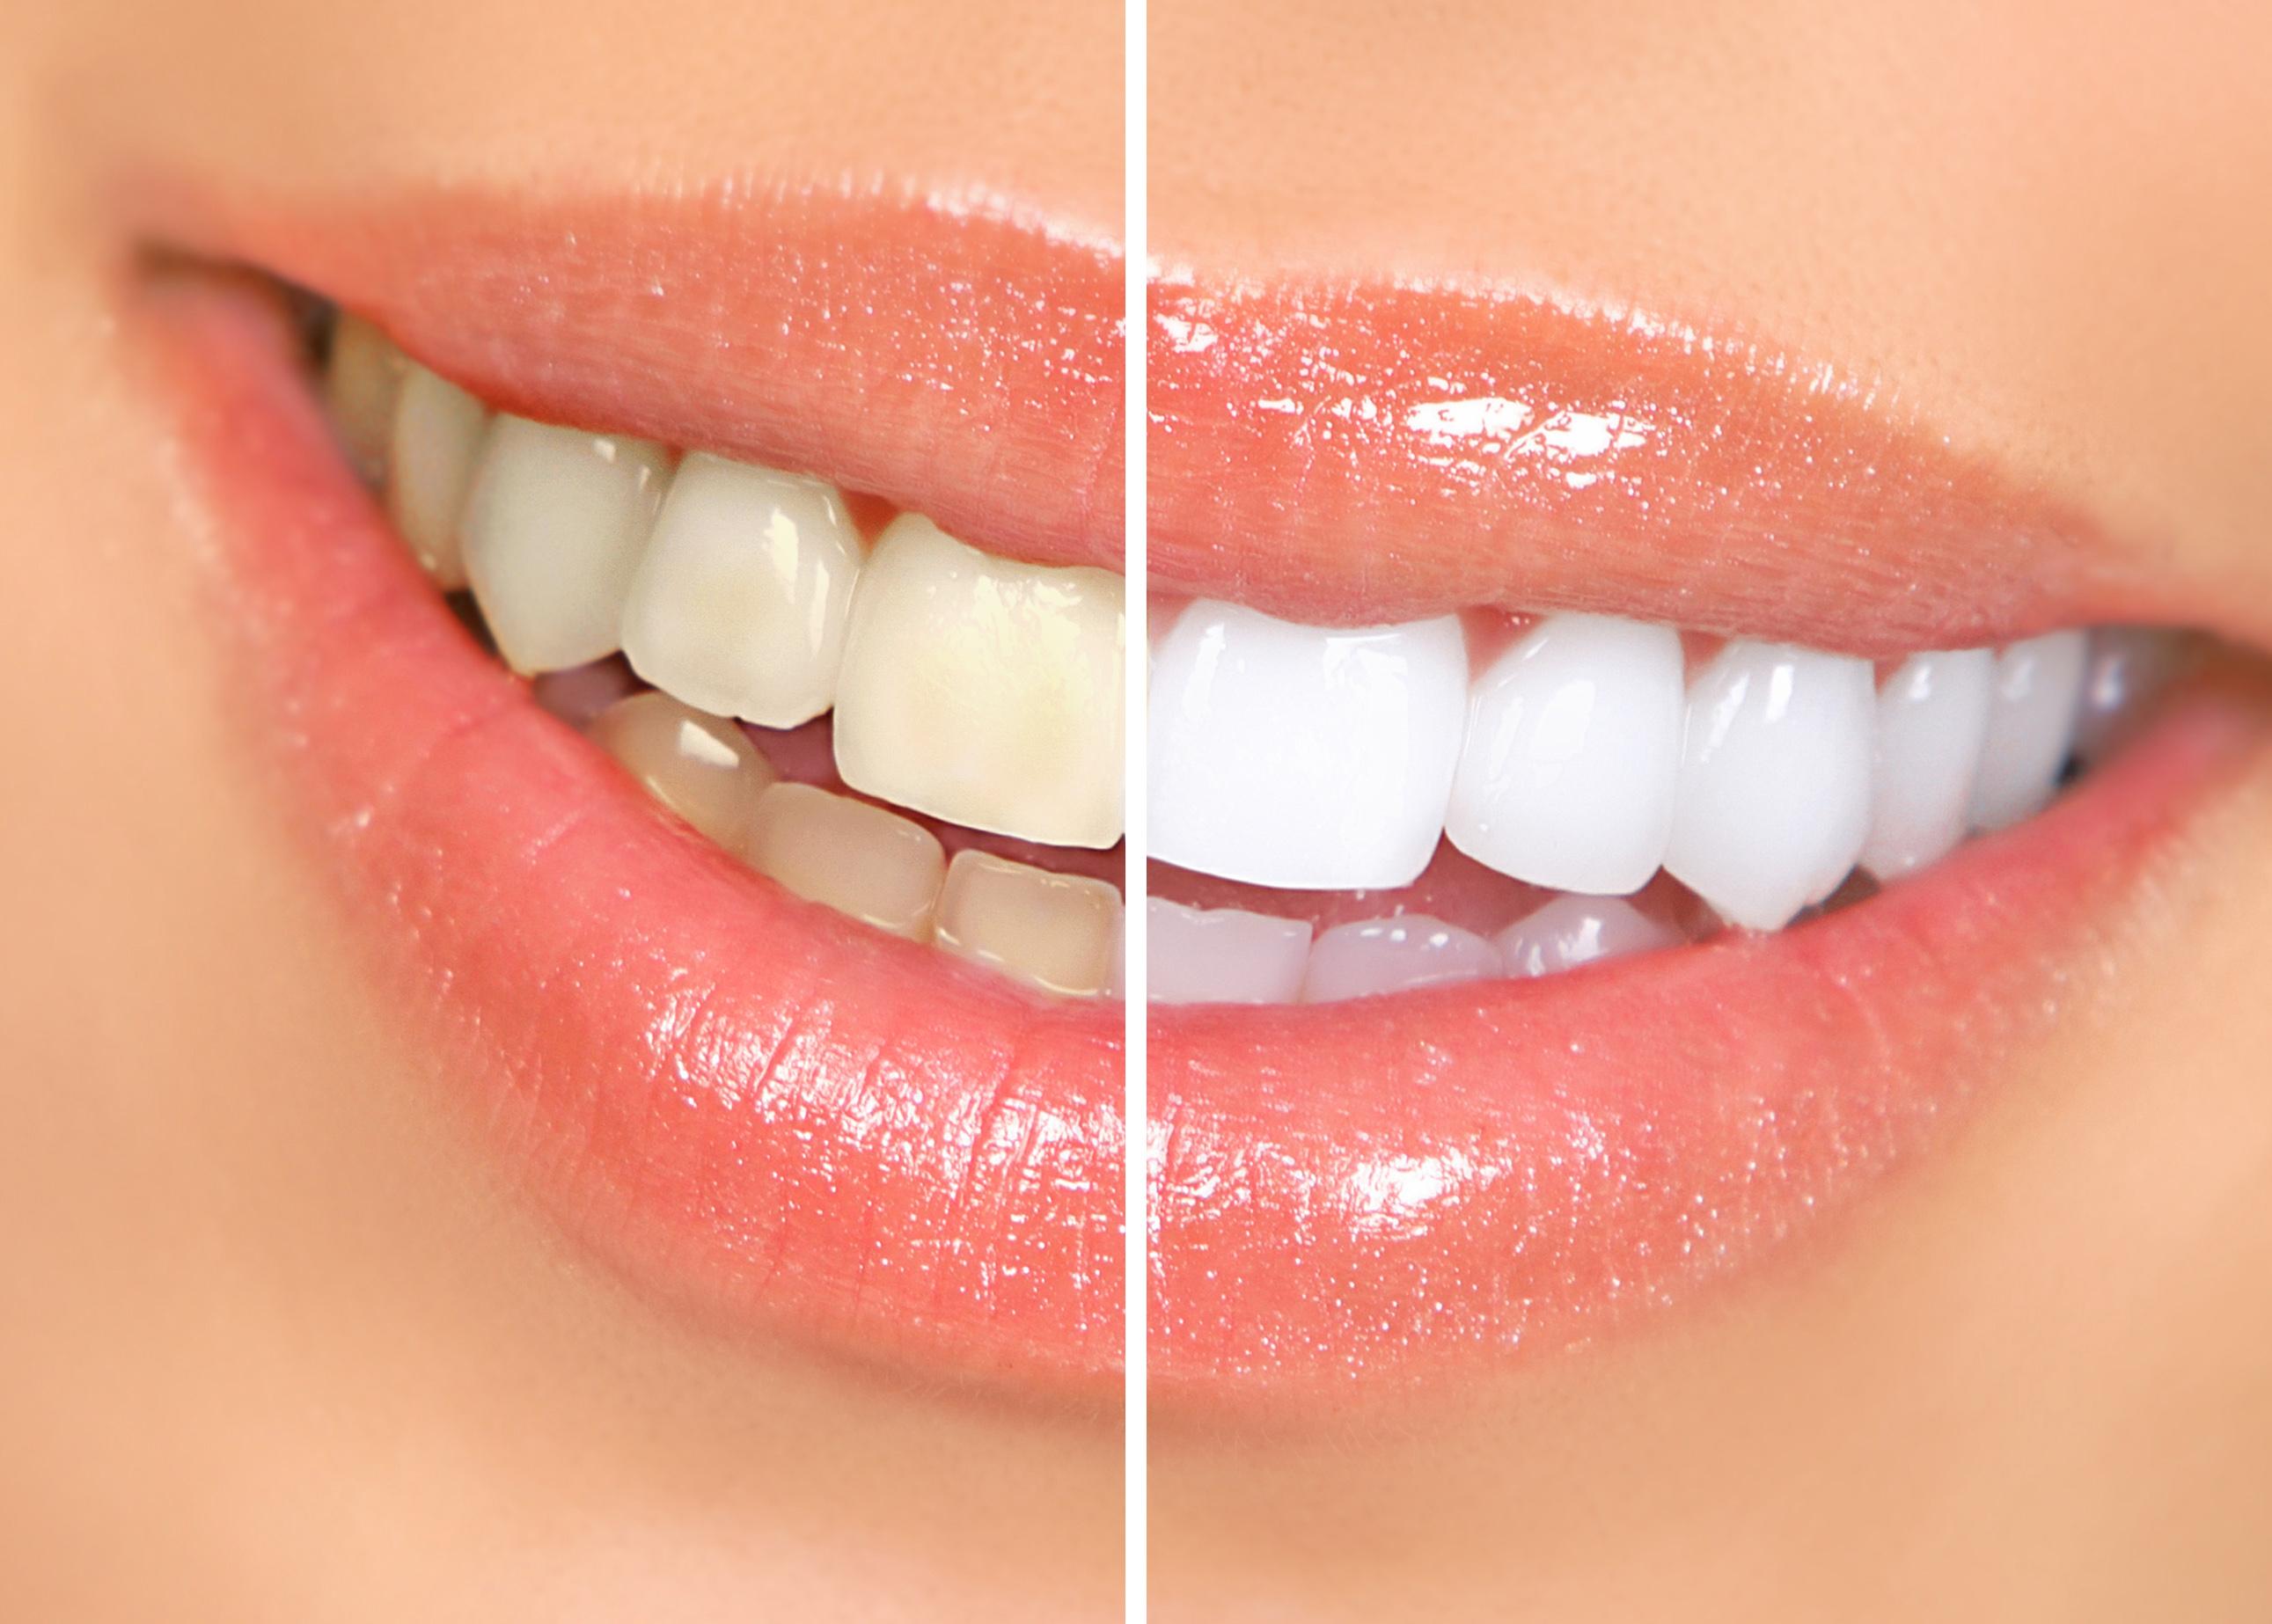 bigstock-Woman-Teeth-8034340 Fogfehérítés: szemfényvesztés vagy hatékony kozmetikai kezelés?